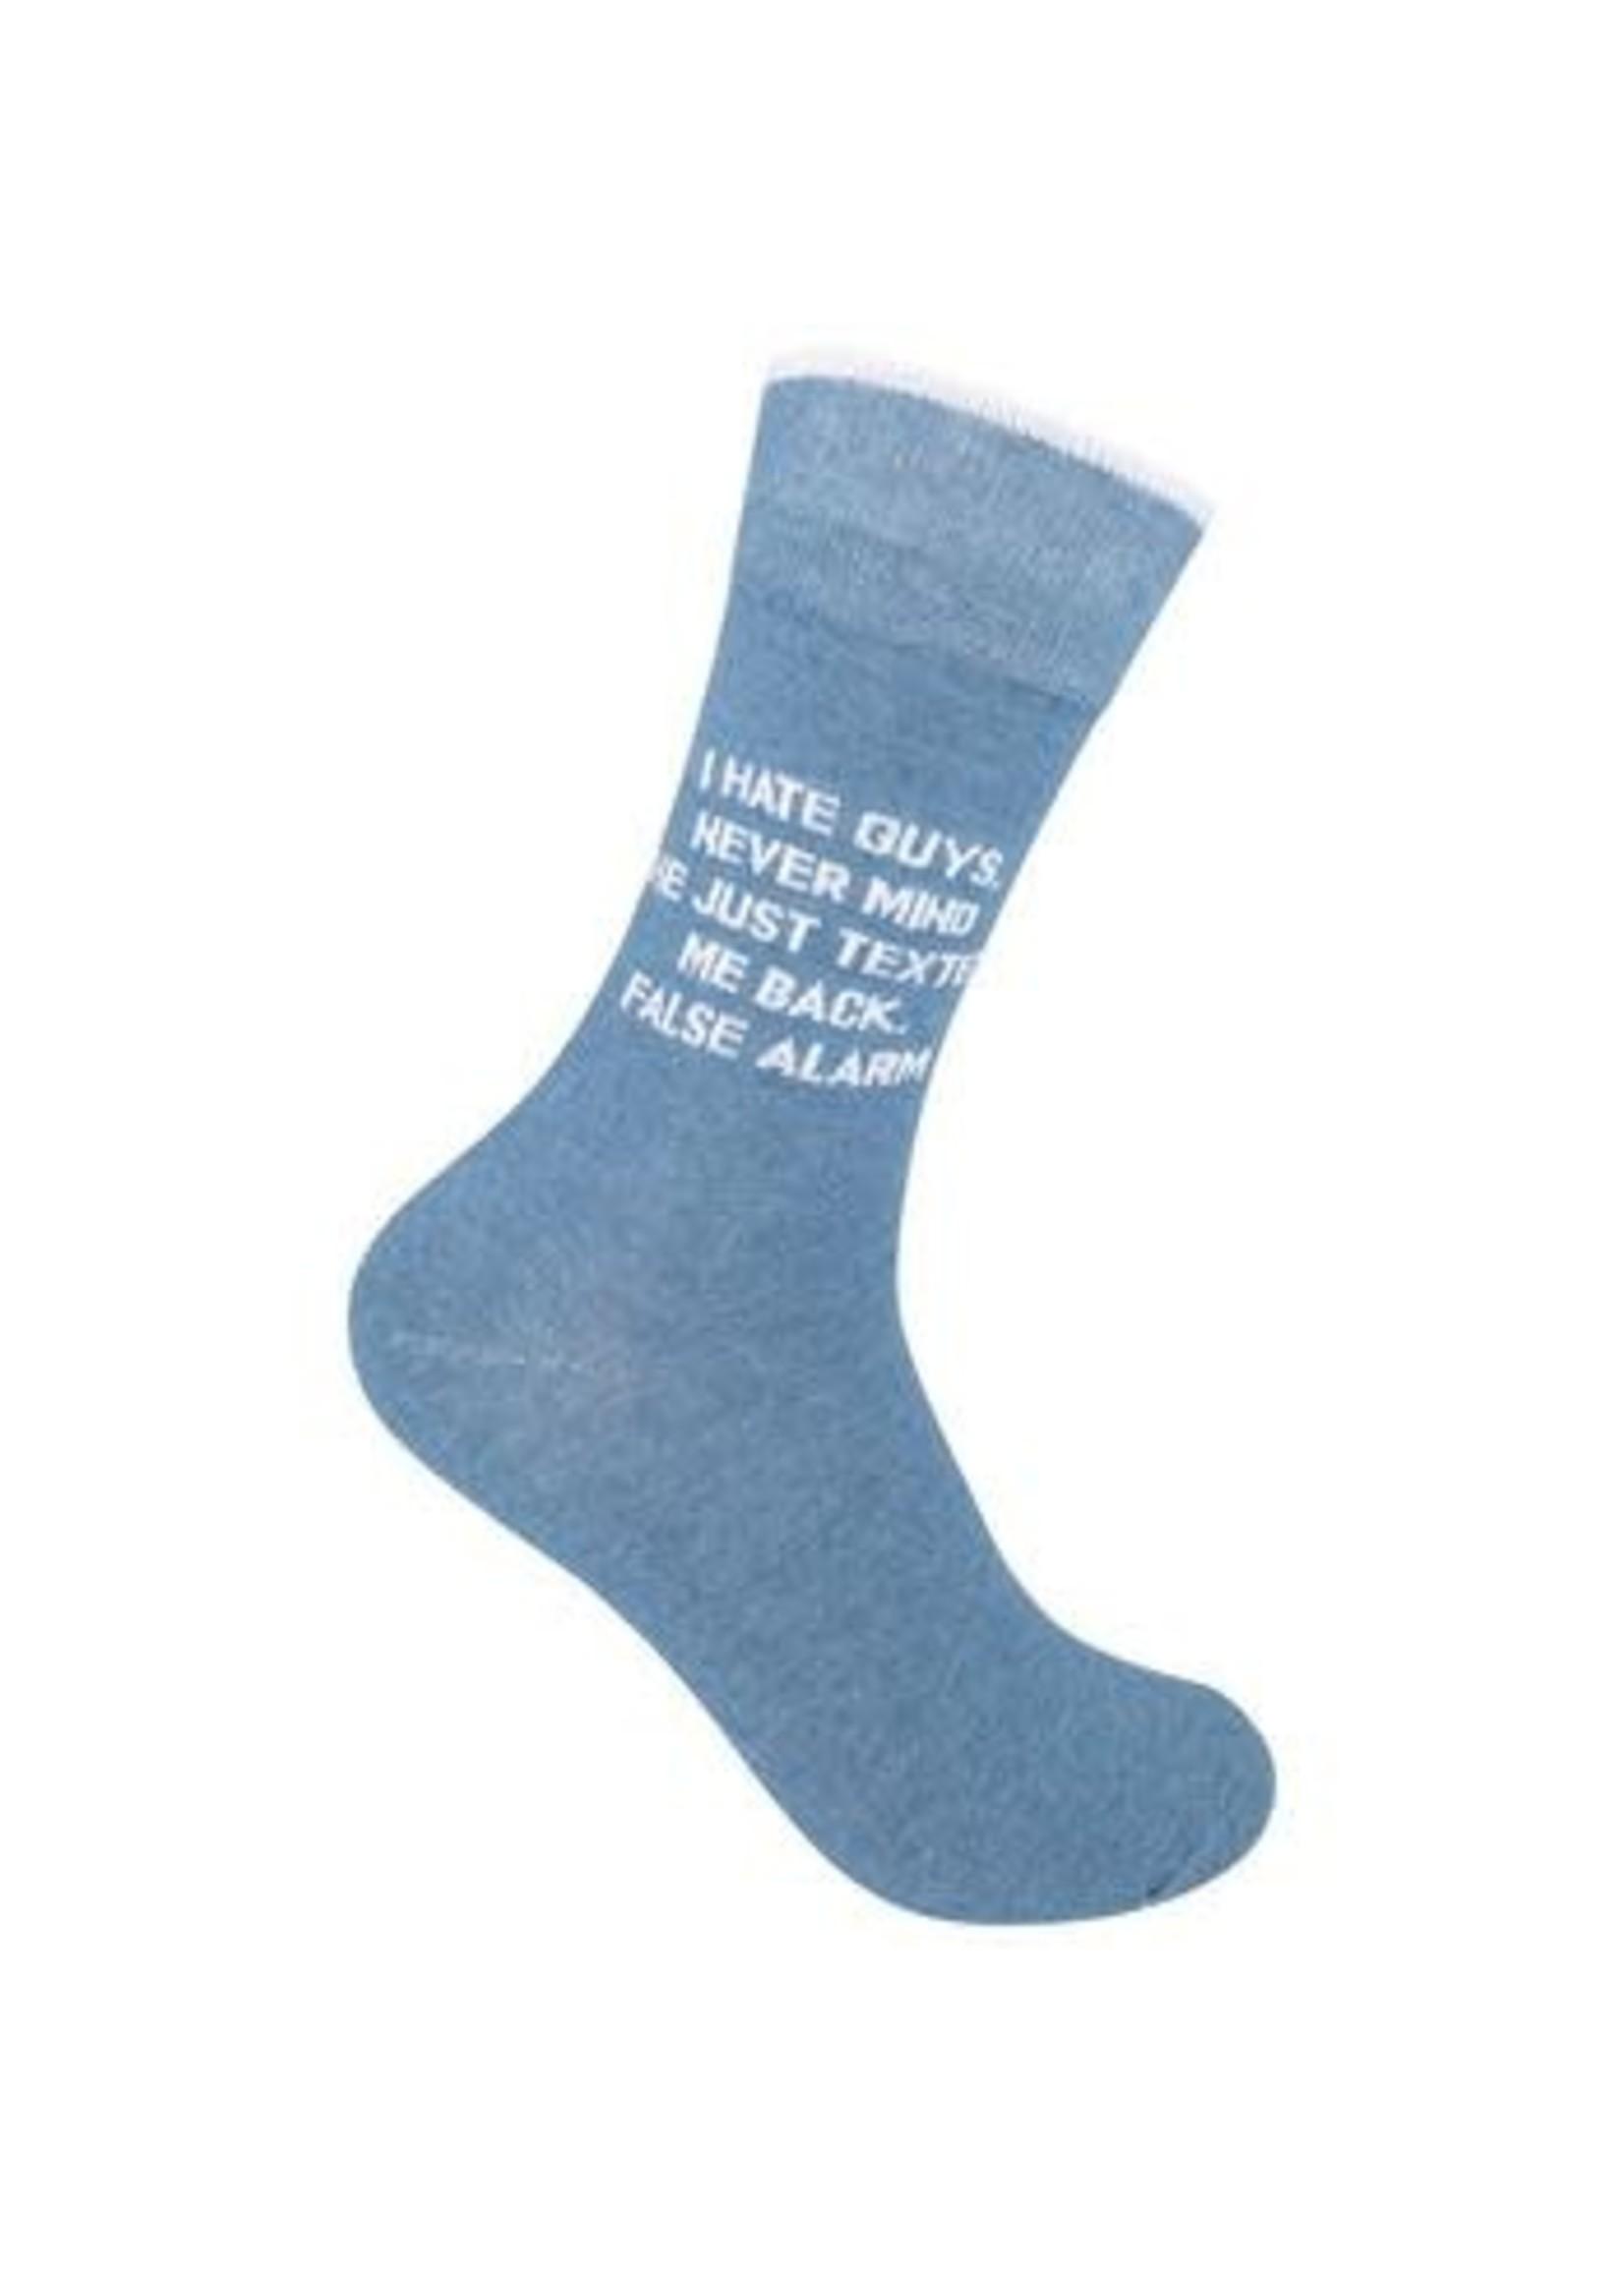 Funatic I Hate Guys Socks